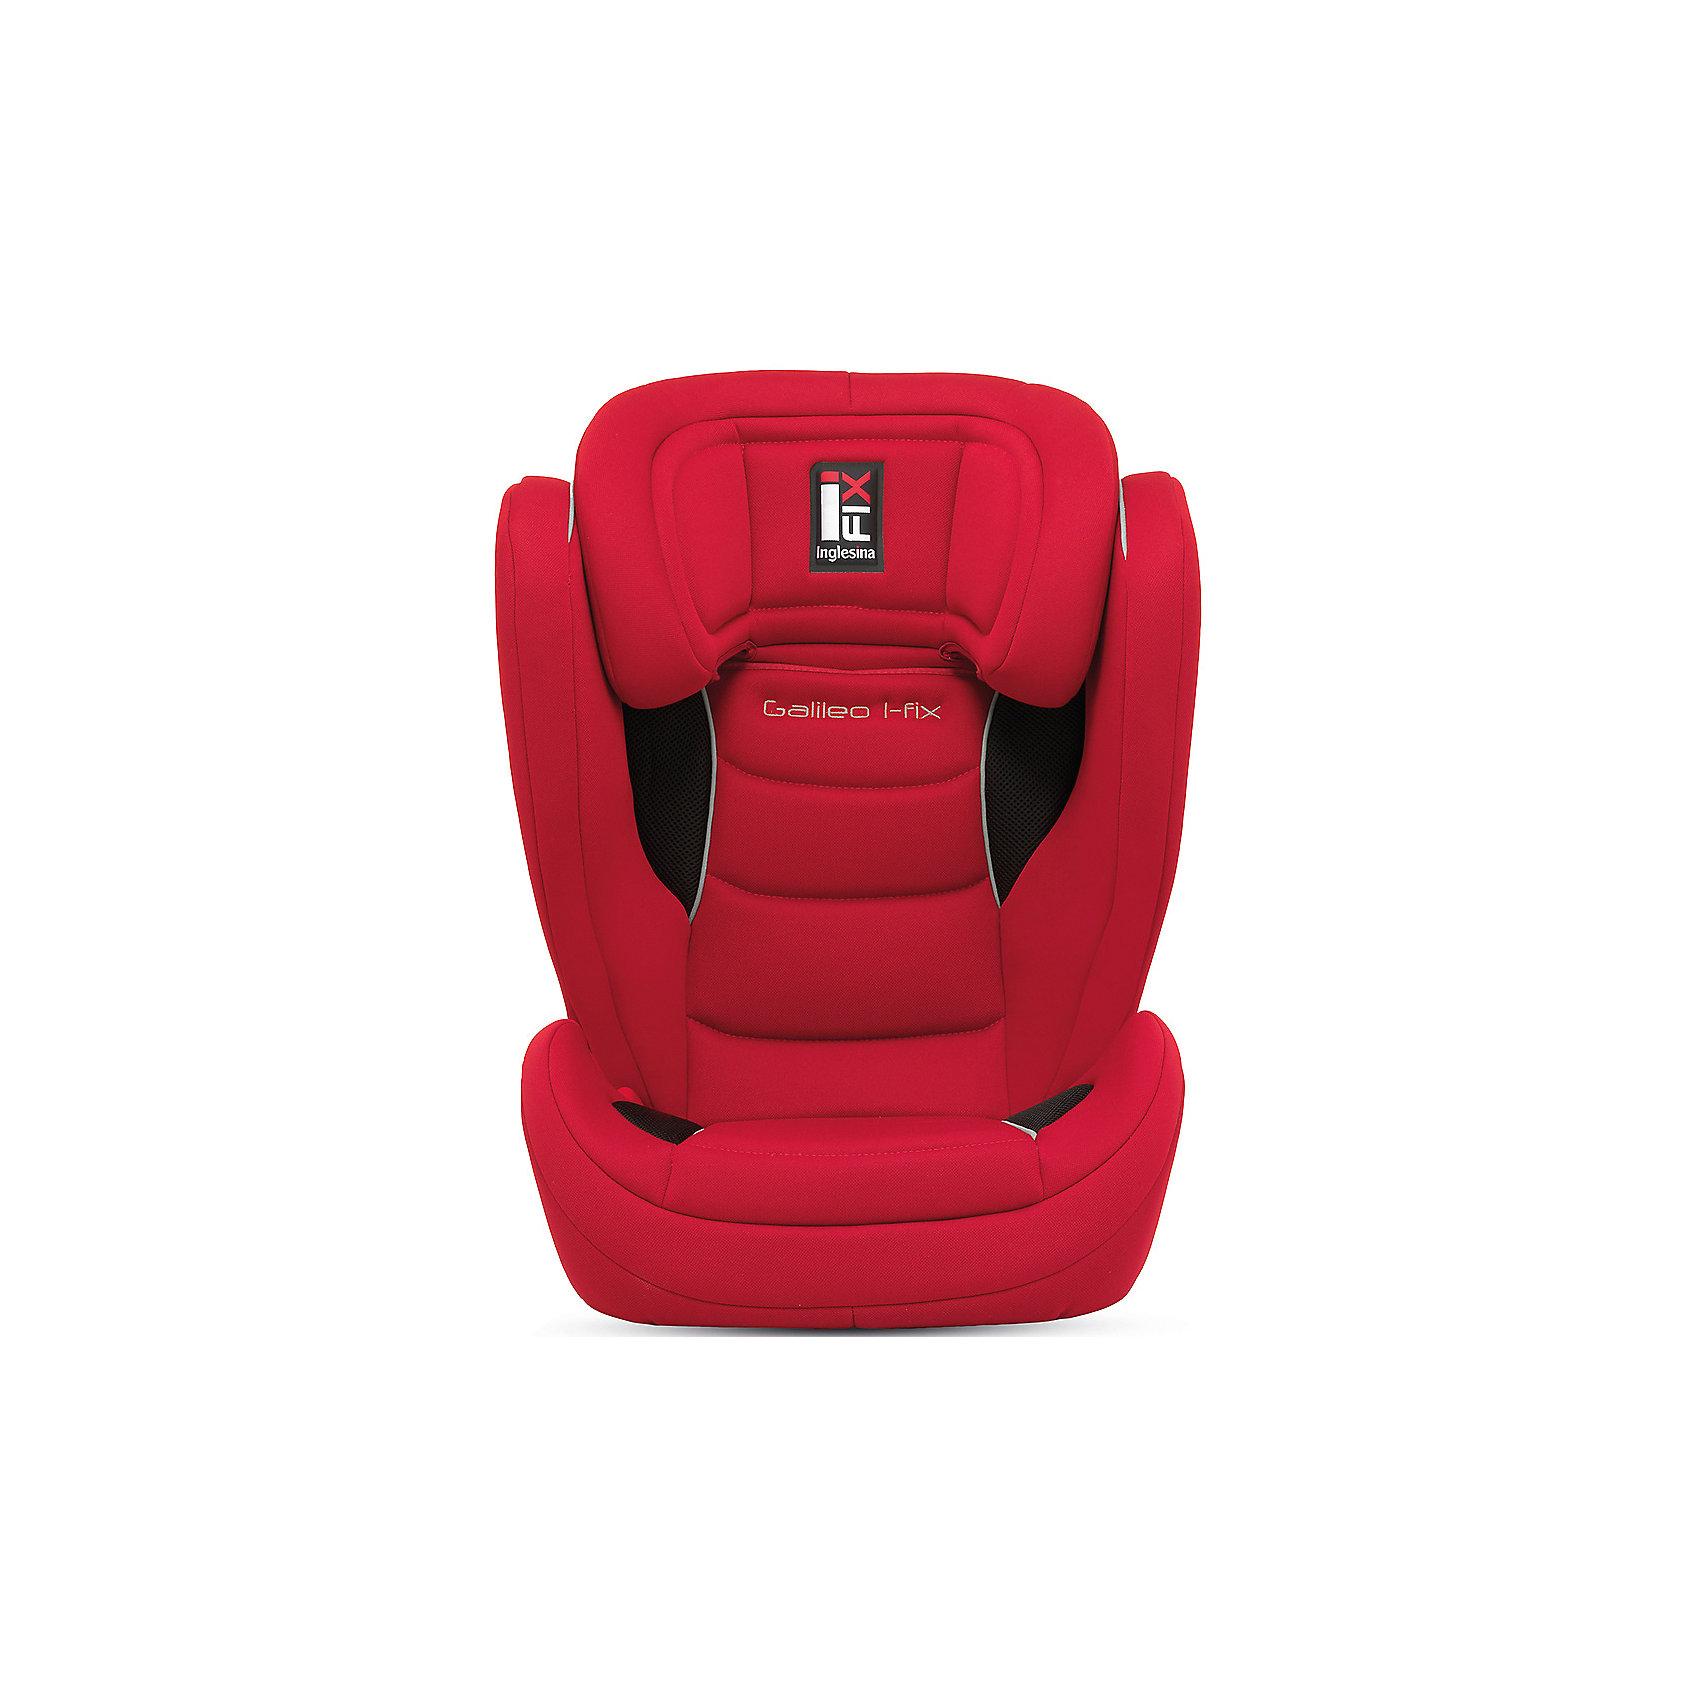 Автокресло Inglesina Galileo 15-36 кг, Red